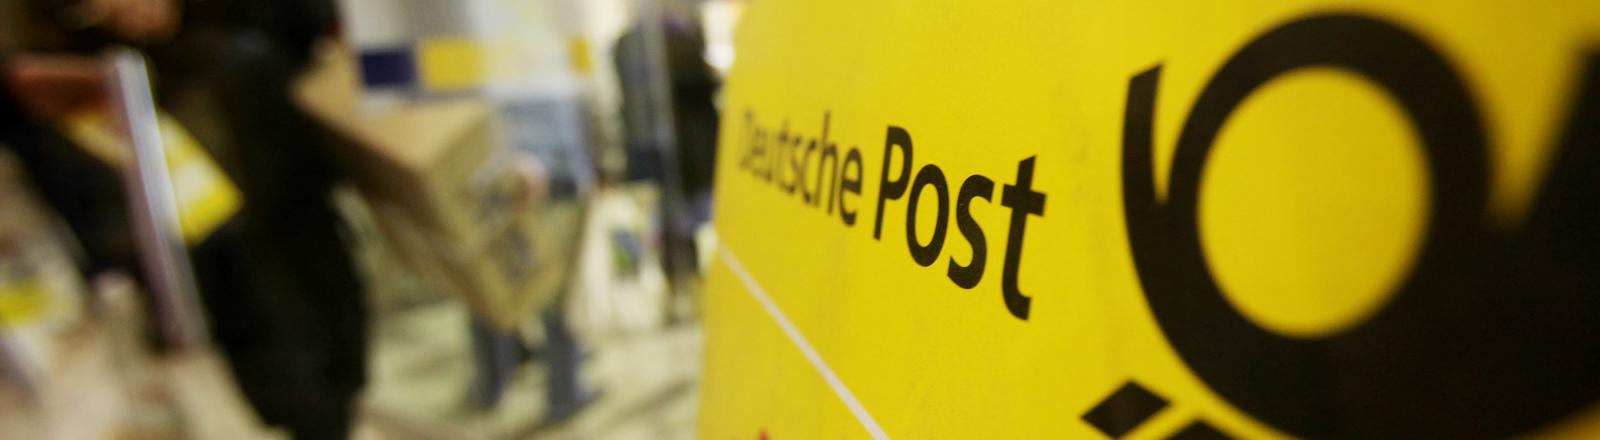 Eingangsbereich einer Deutschen Post AG Filiale aufgenommen am Mittwoch (22.12.2010) in Hamburg.